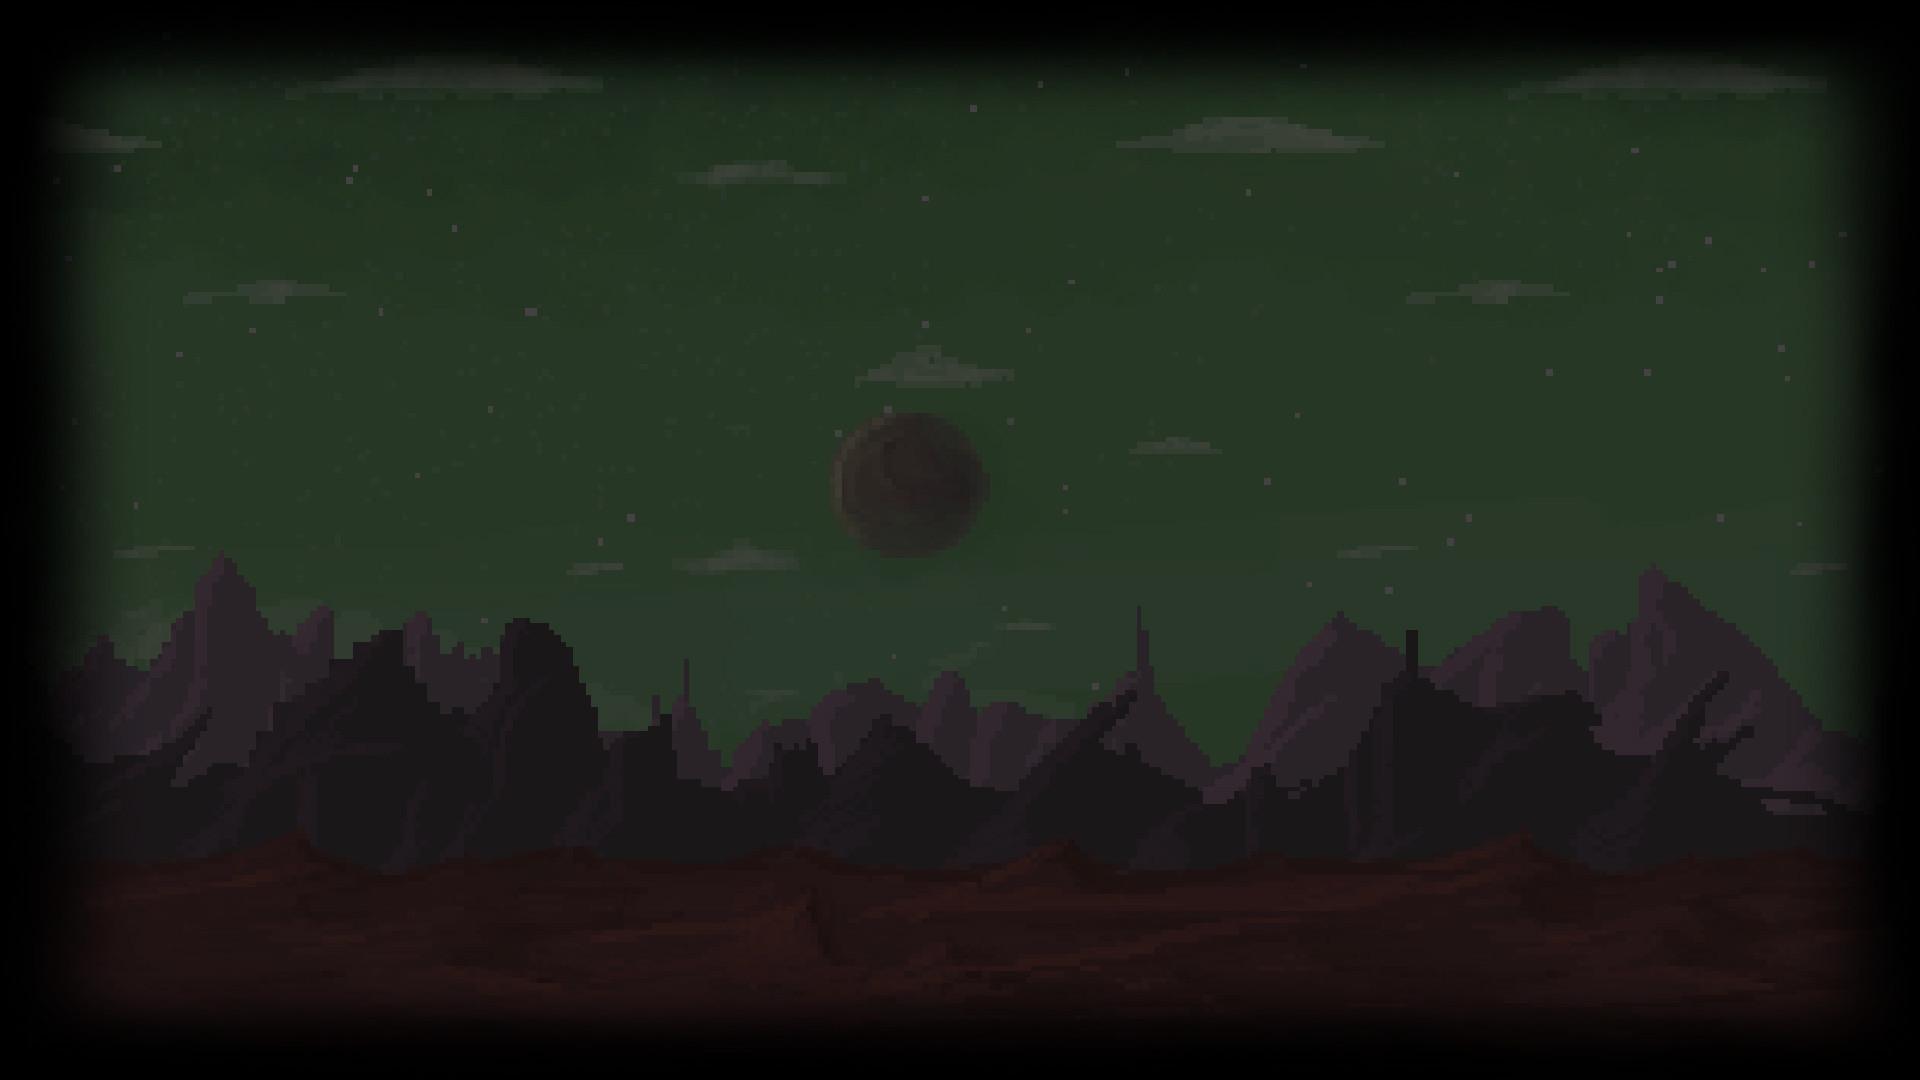 438180-Uranus (Profile Background)